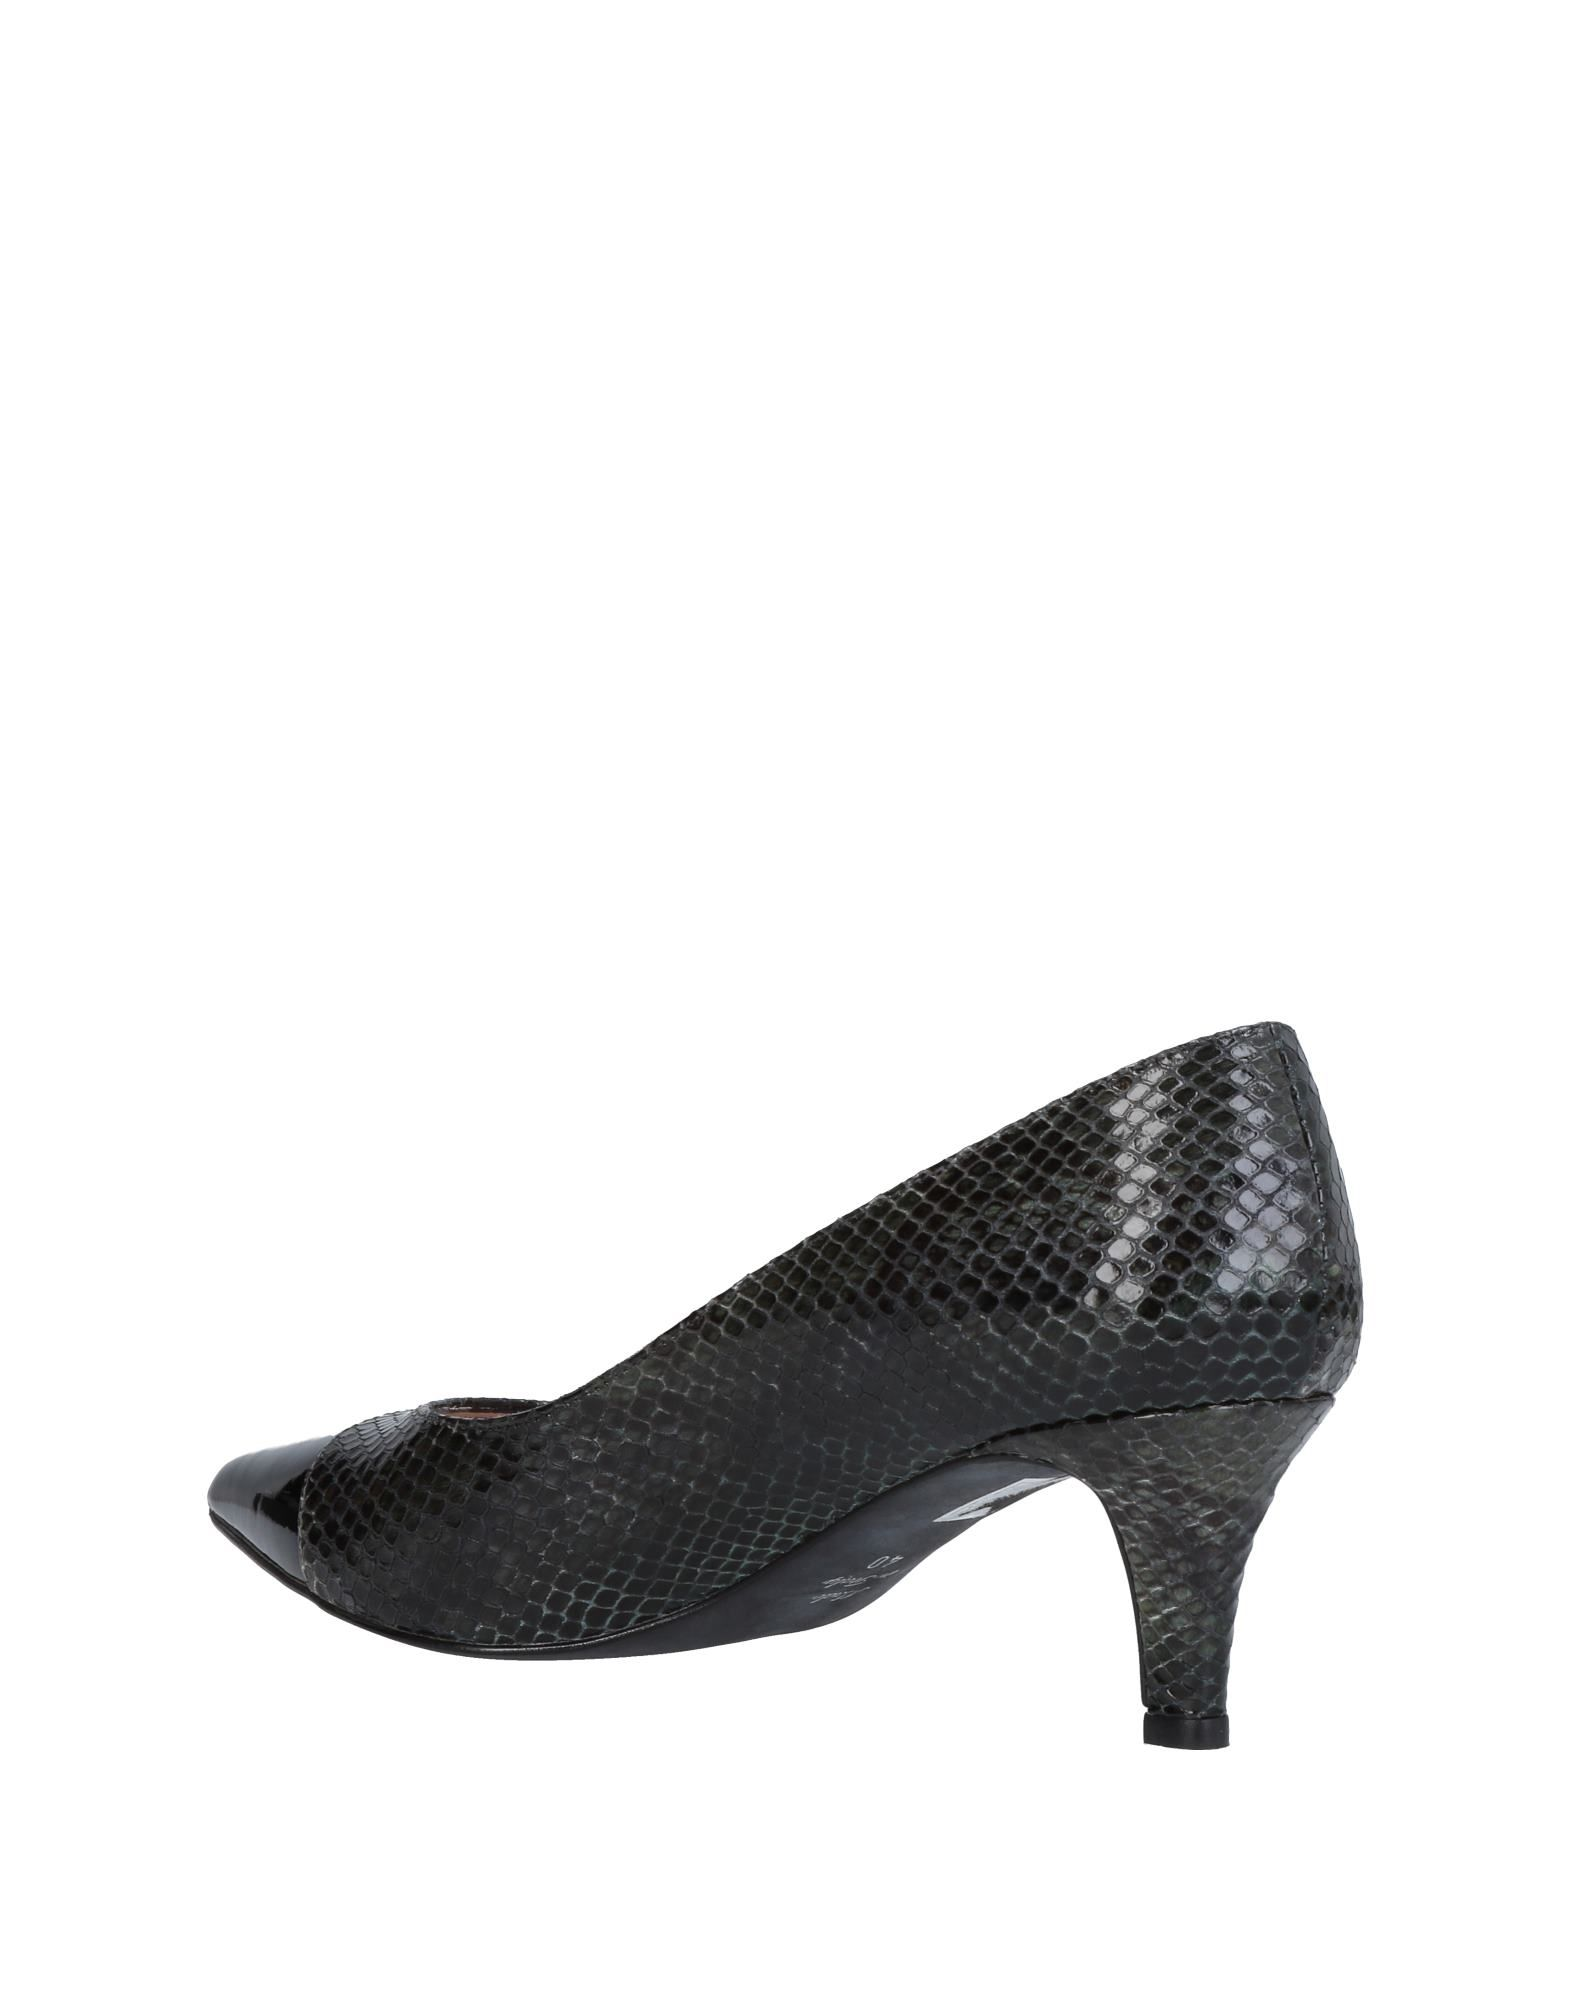 Cristina Millotti Pumps Damen  11457987OL Gute Qualität beliebte Schuhe